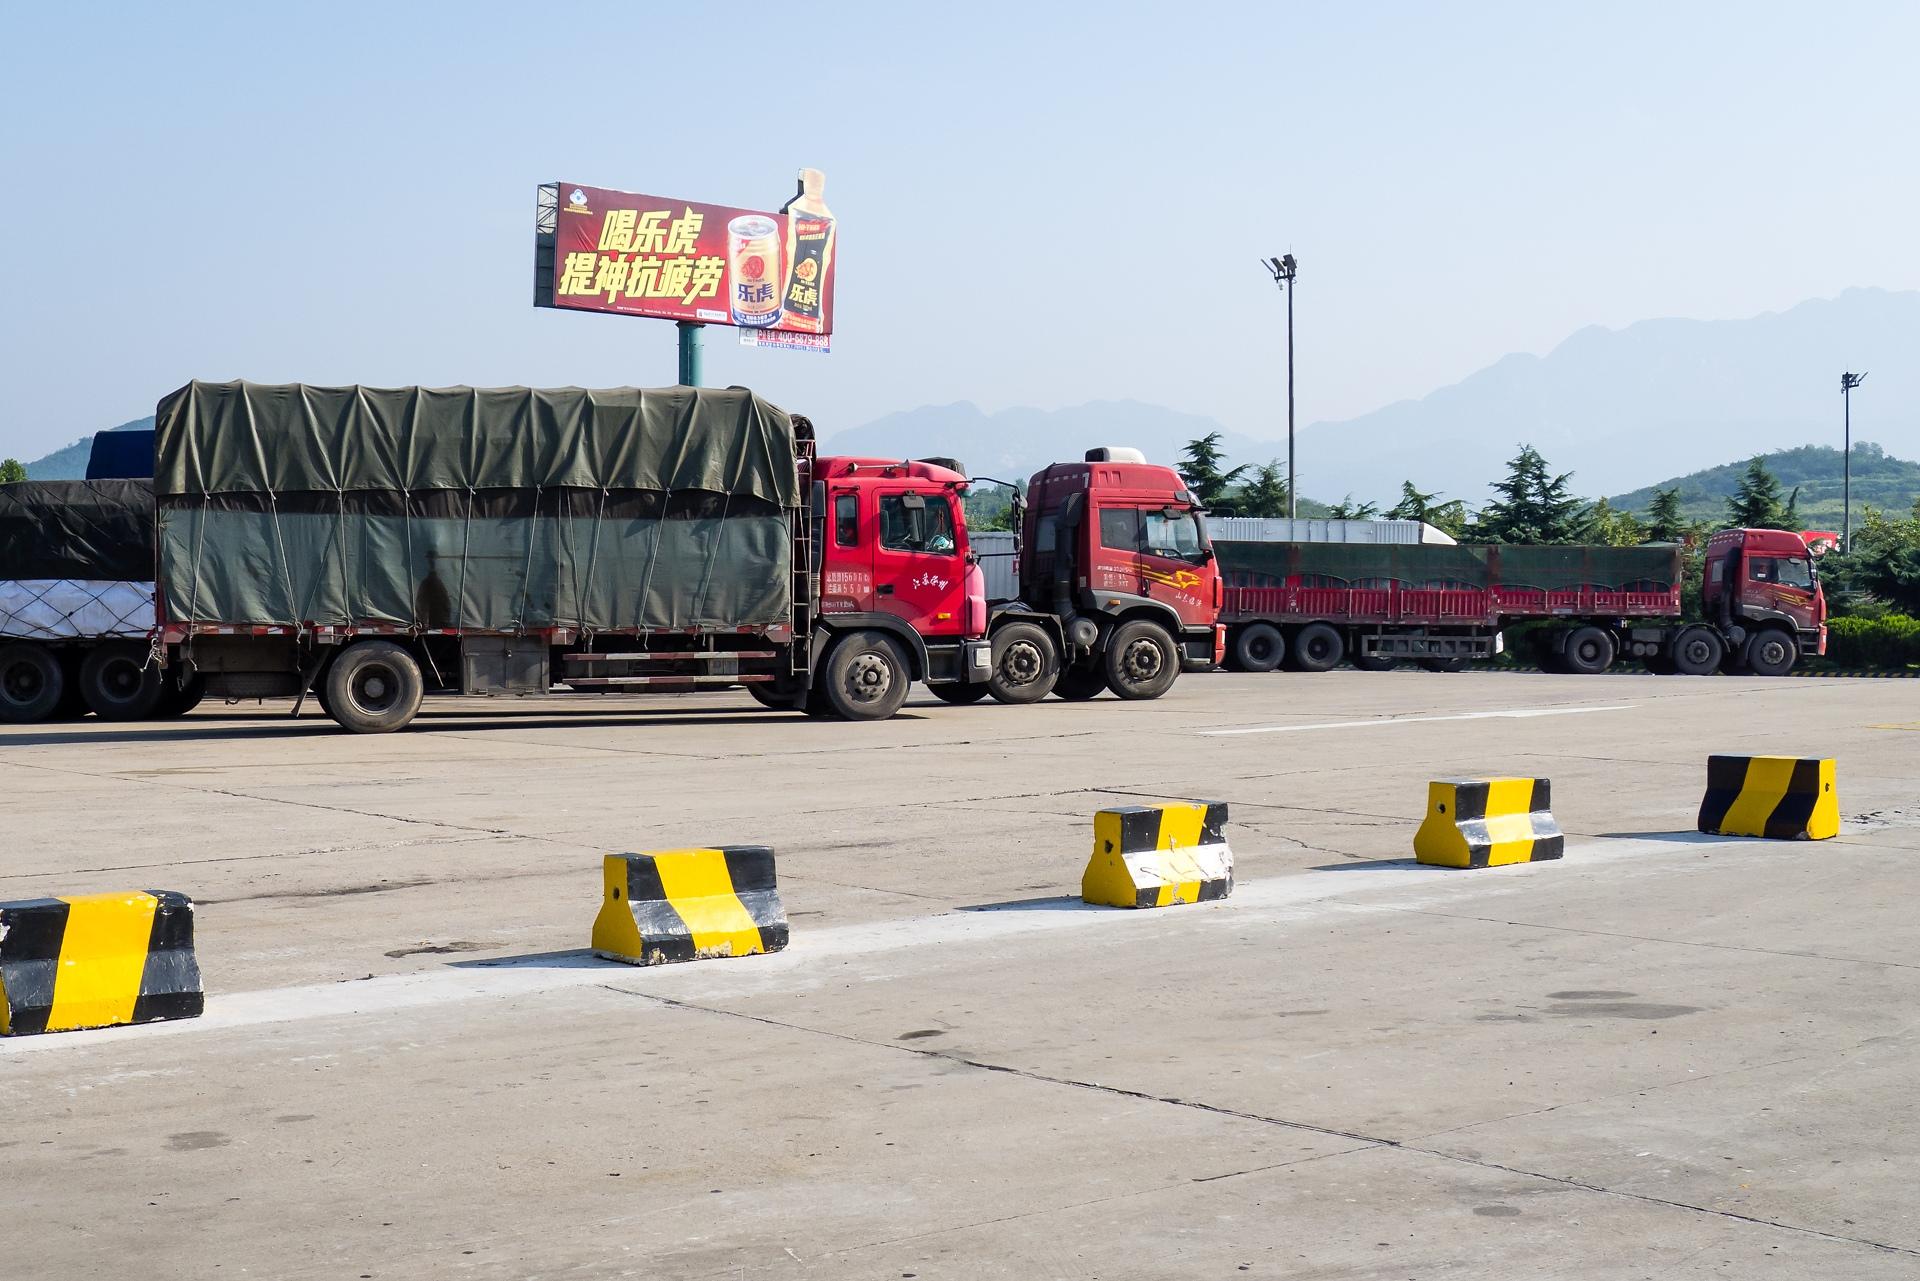 Rastställe på vägen mellan Jinan och Qu Fu